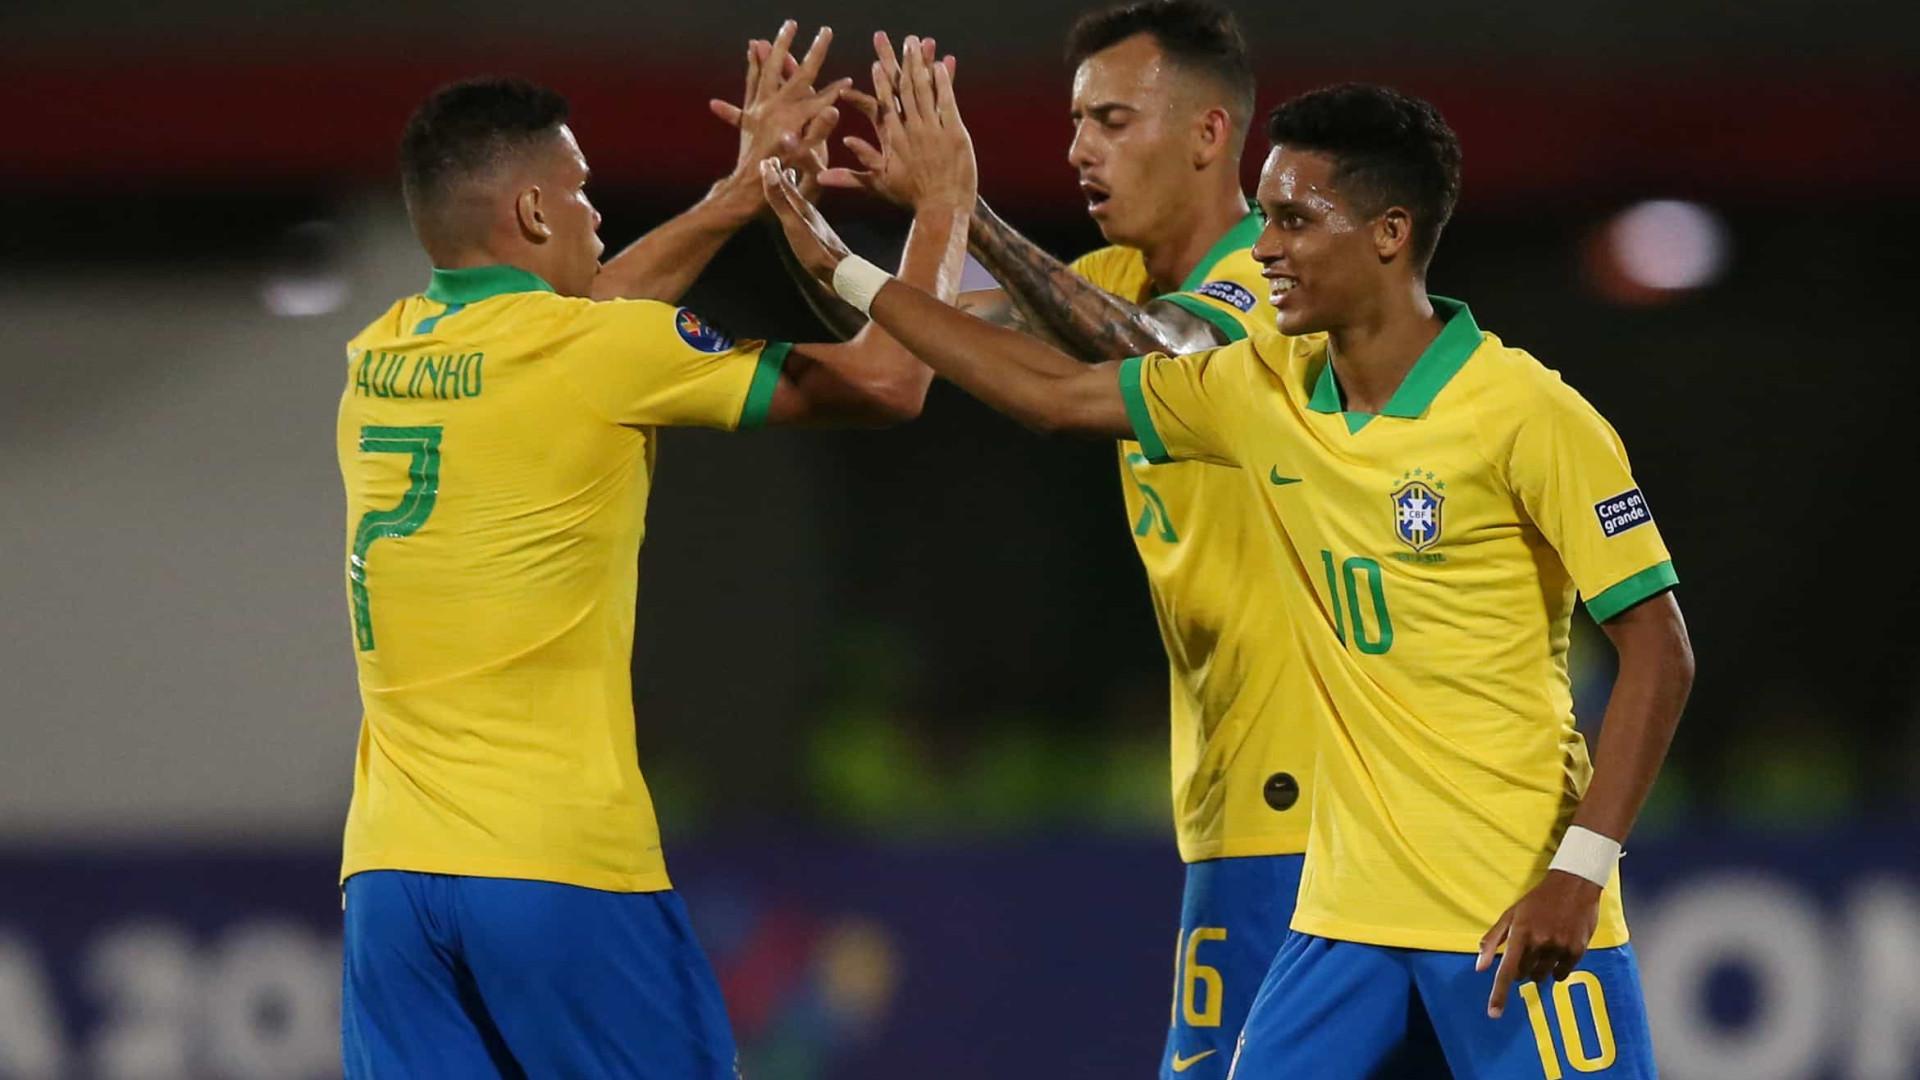 Brasil empata com Uruguai e se complica no Pré-Olímpico